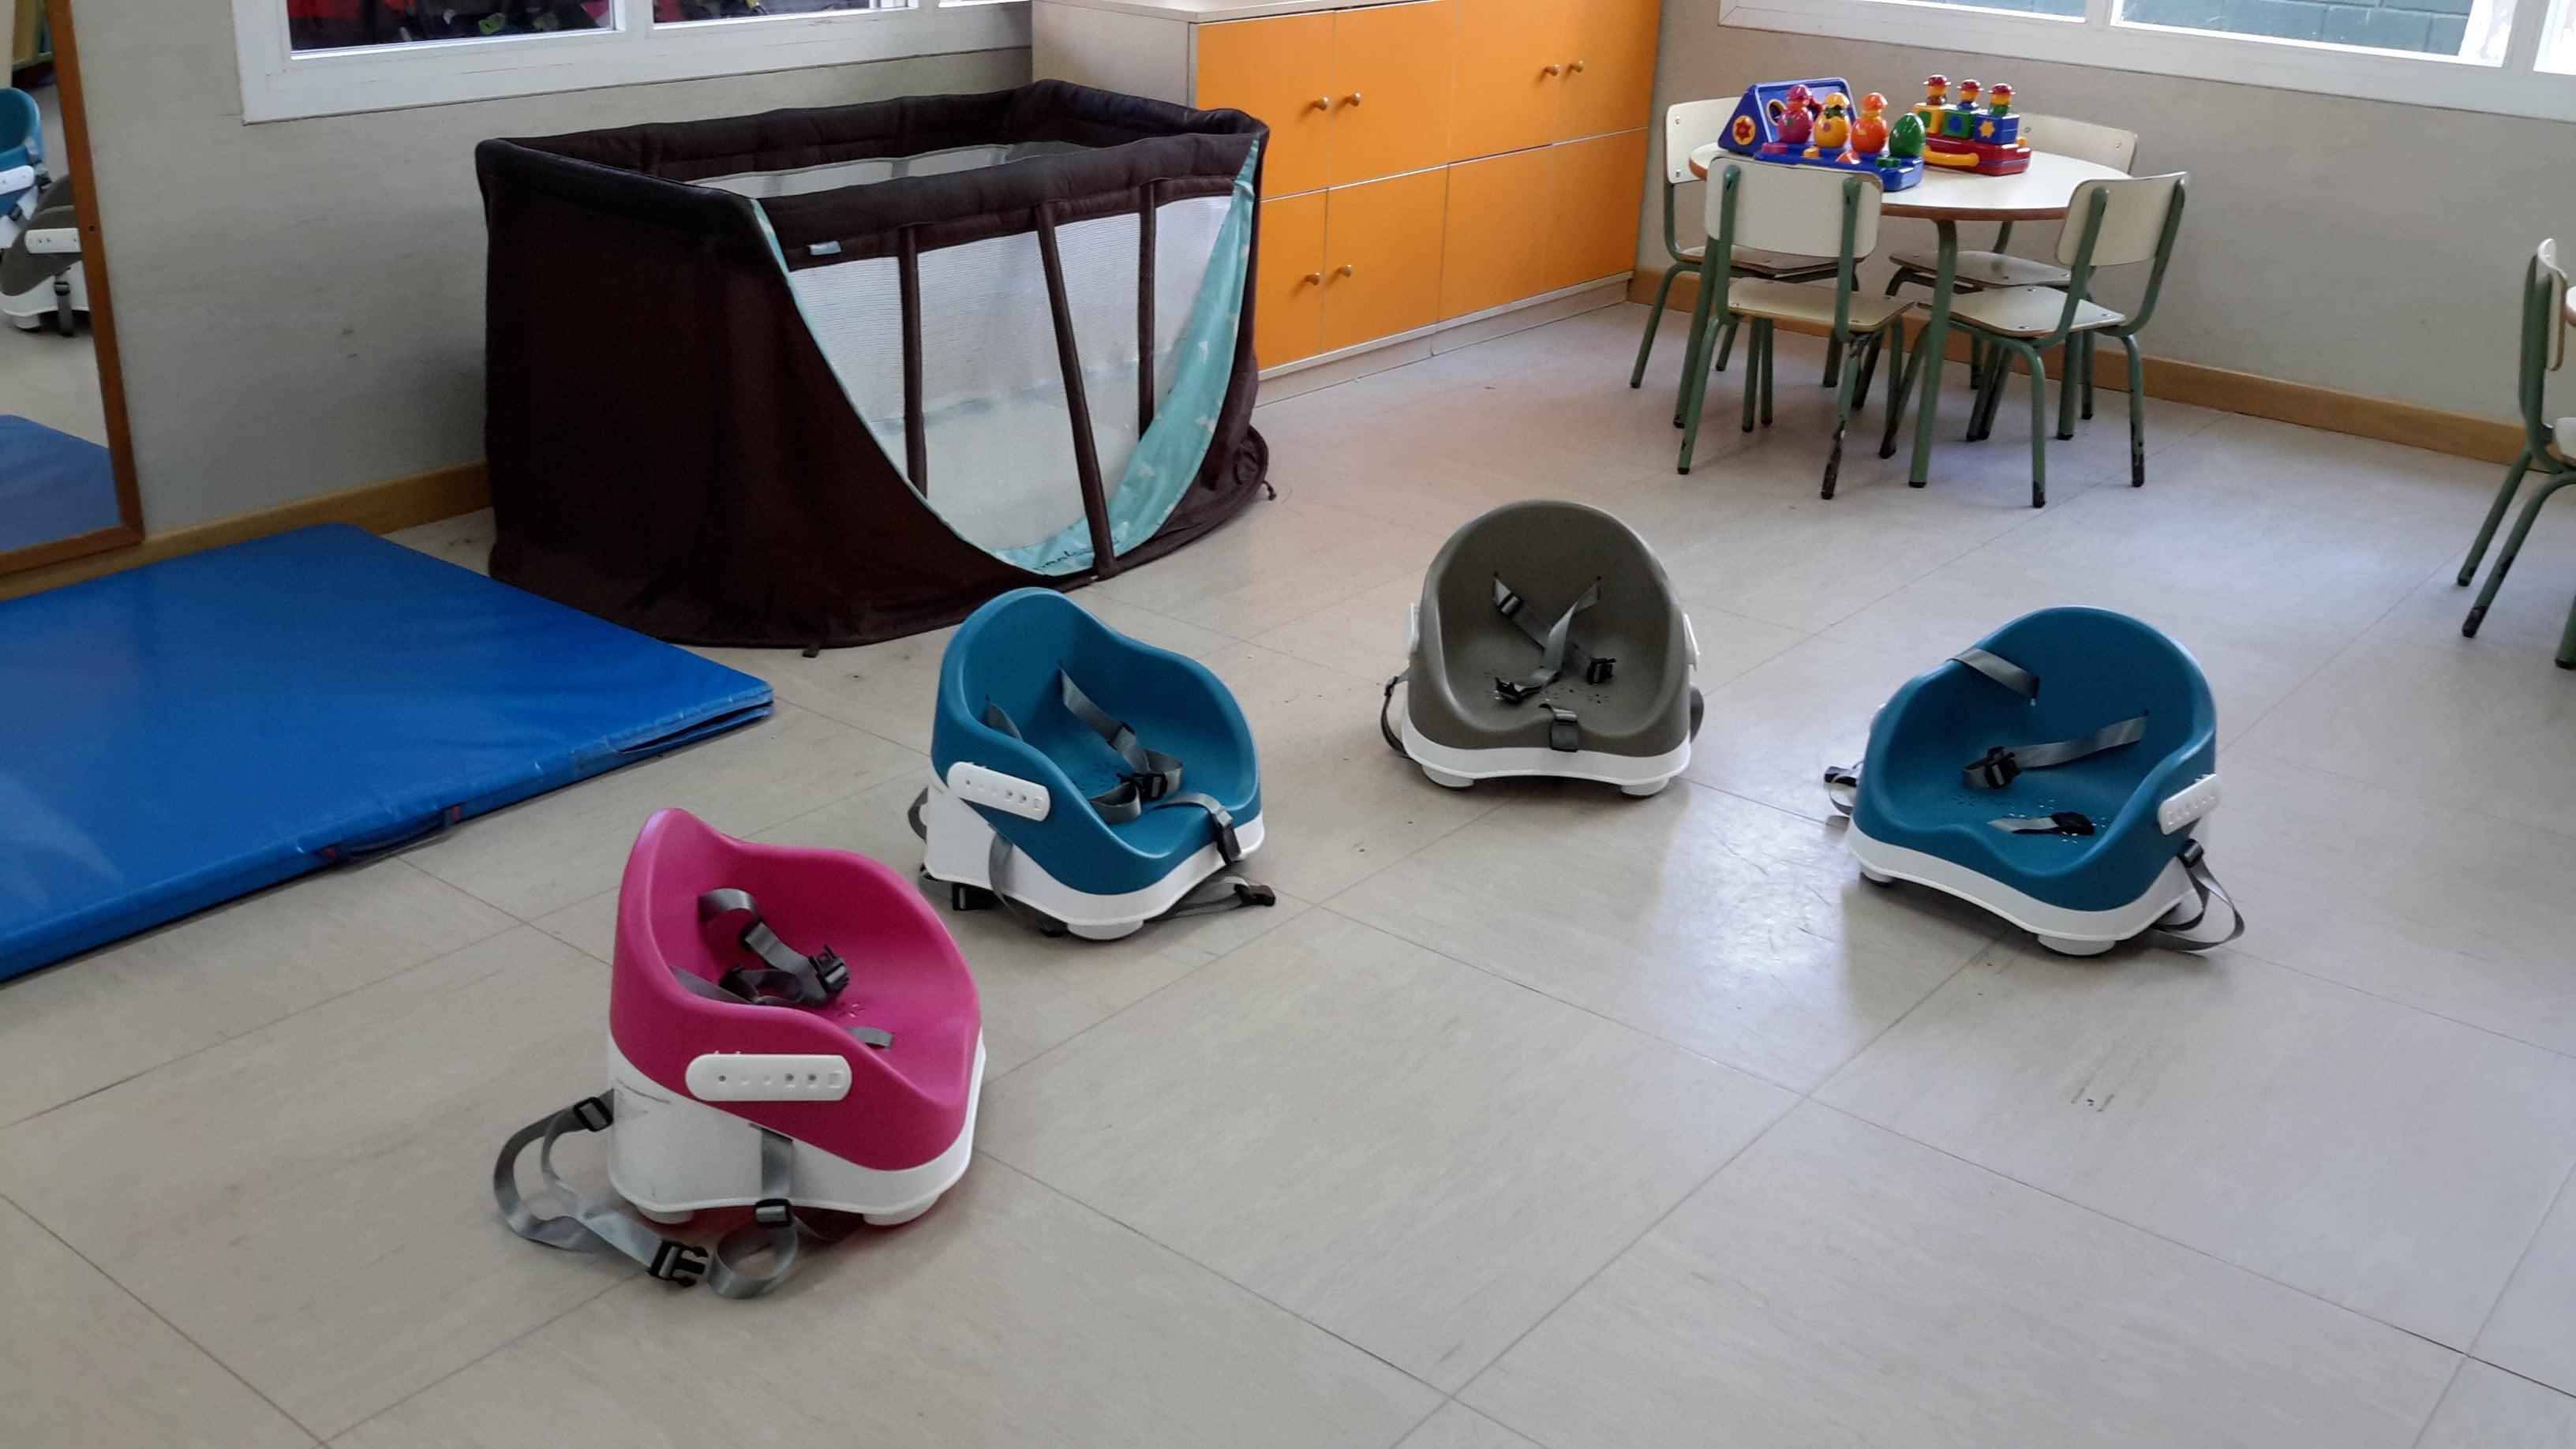 escuela infantil bilingüe en Valencia - silla con cunas